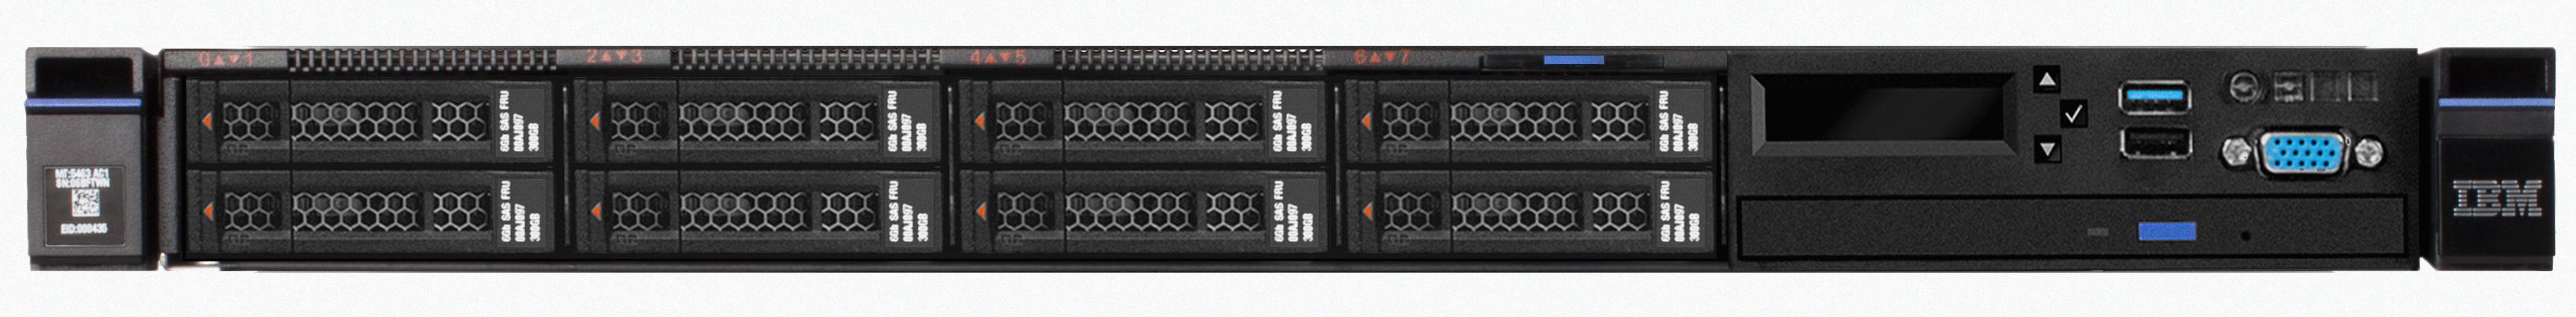 x3550 Rack/E5-2620v3/1x16GB/550W